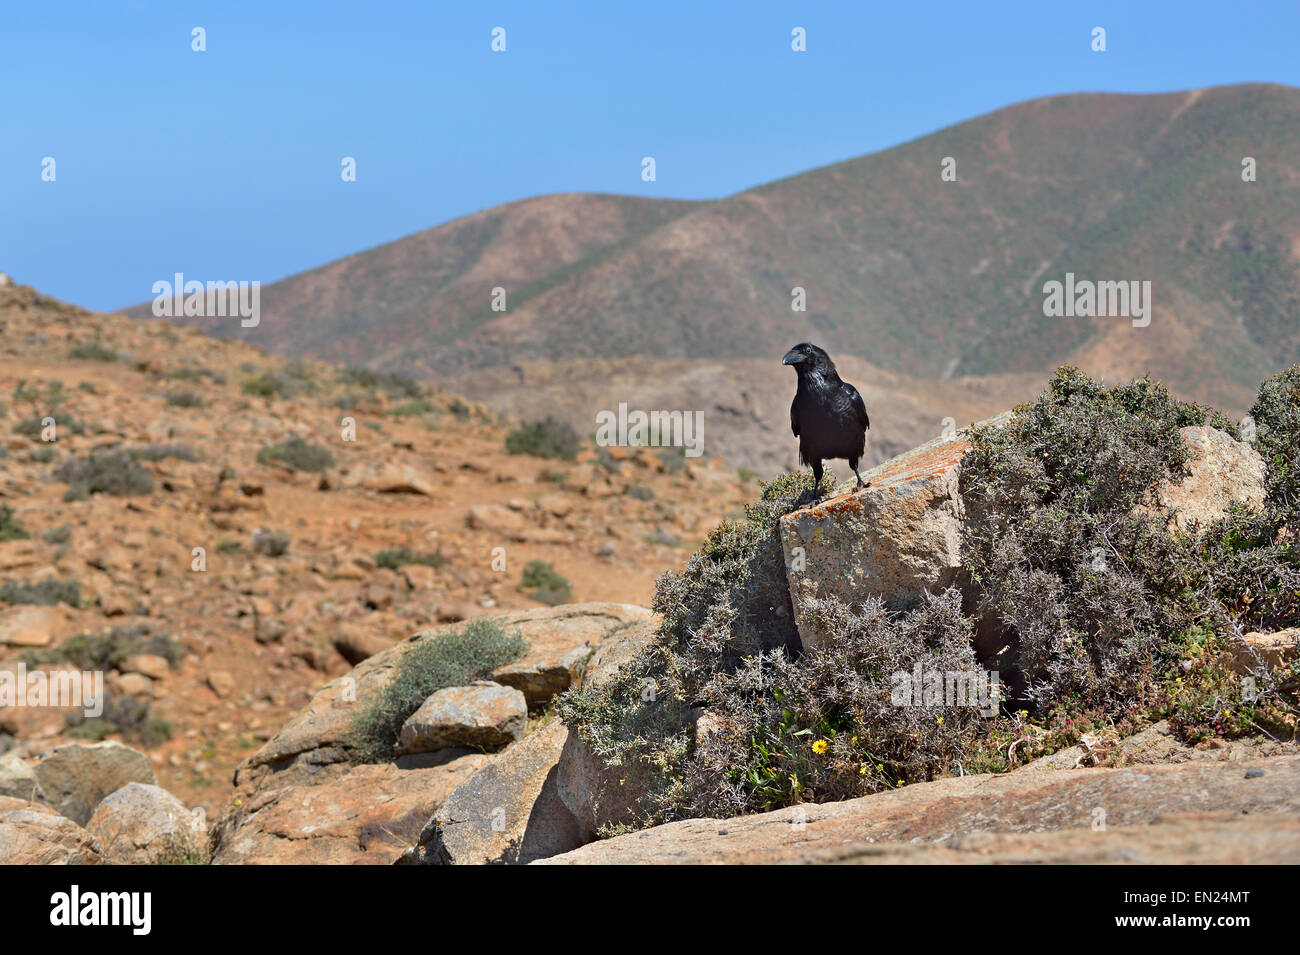 Kanarischen Inseln, Fuerteventura, Parque Rural, Corvus Corax Tingitanus, gemeinsame Raven Stockbild